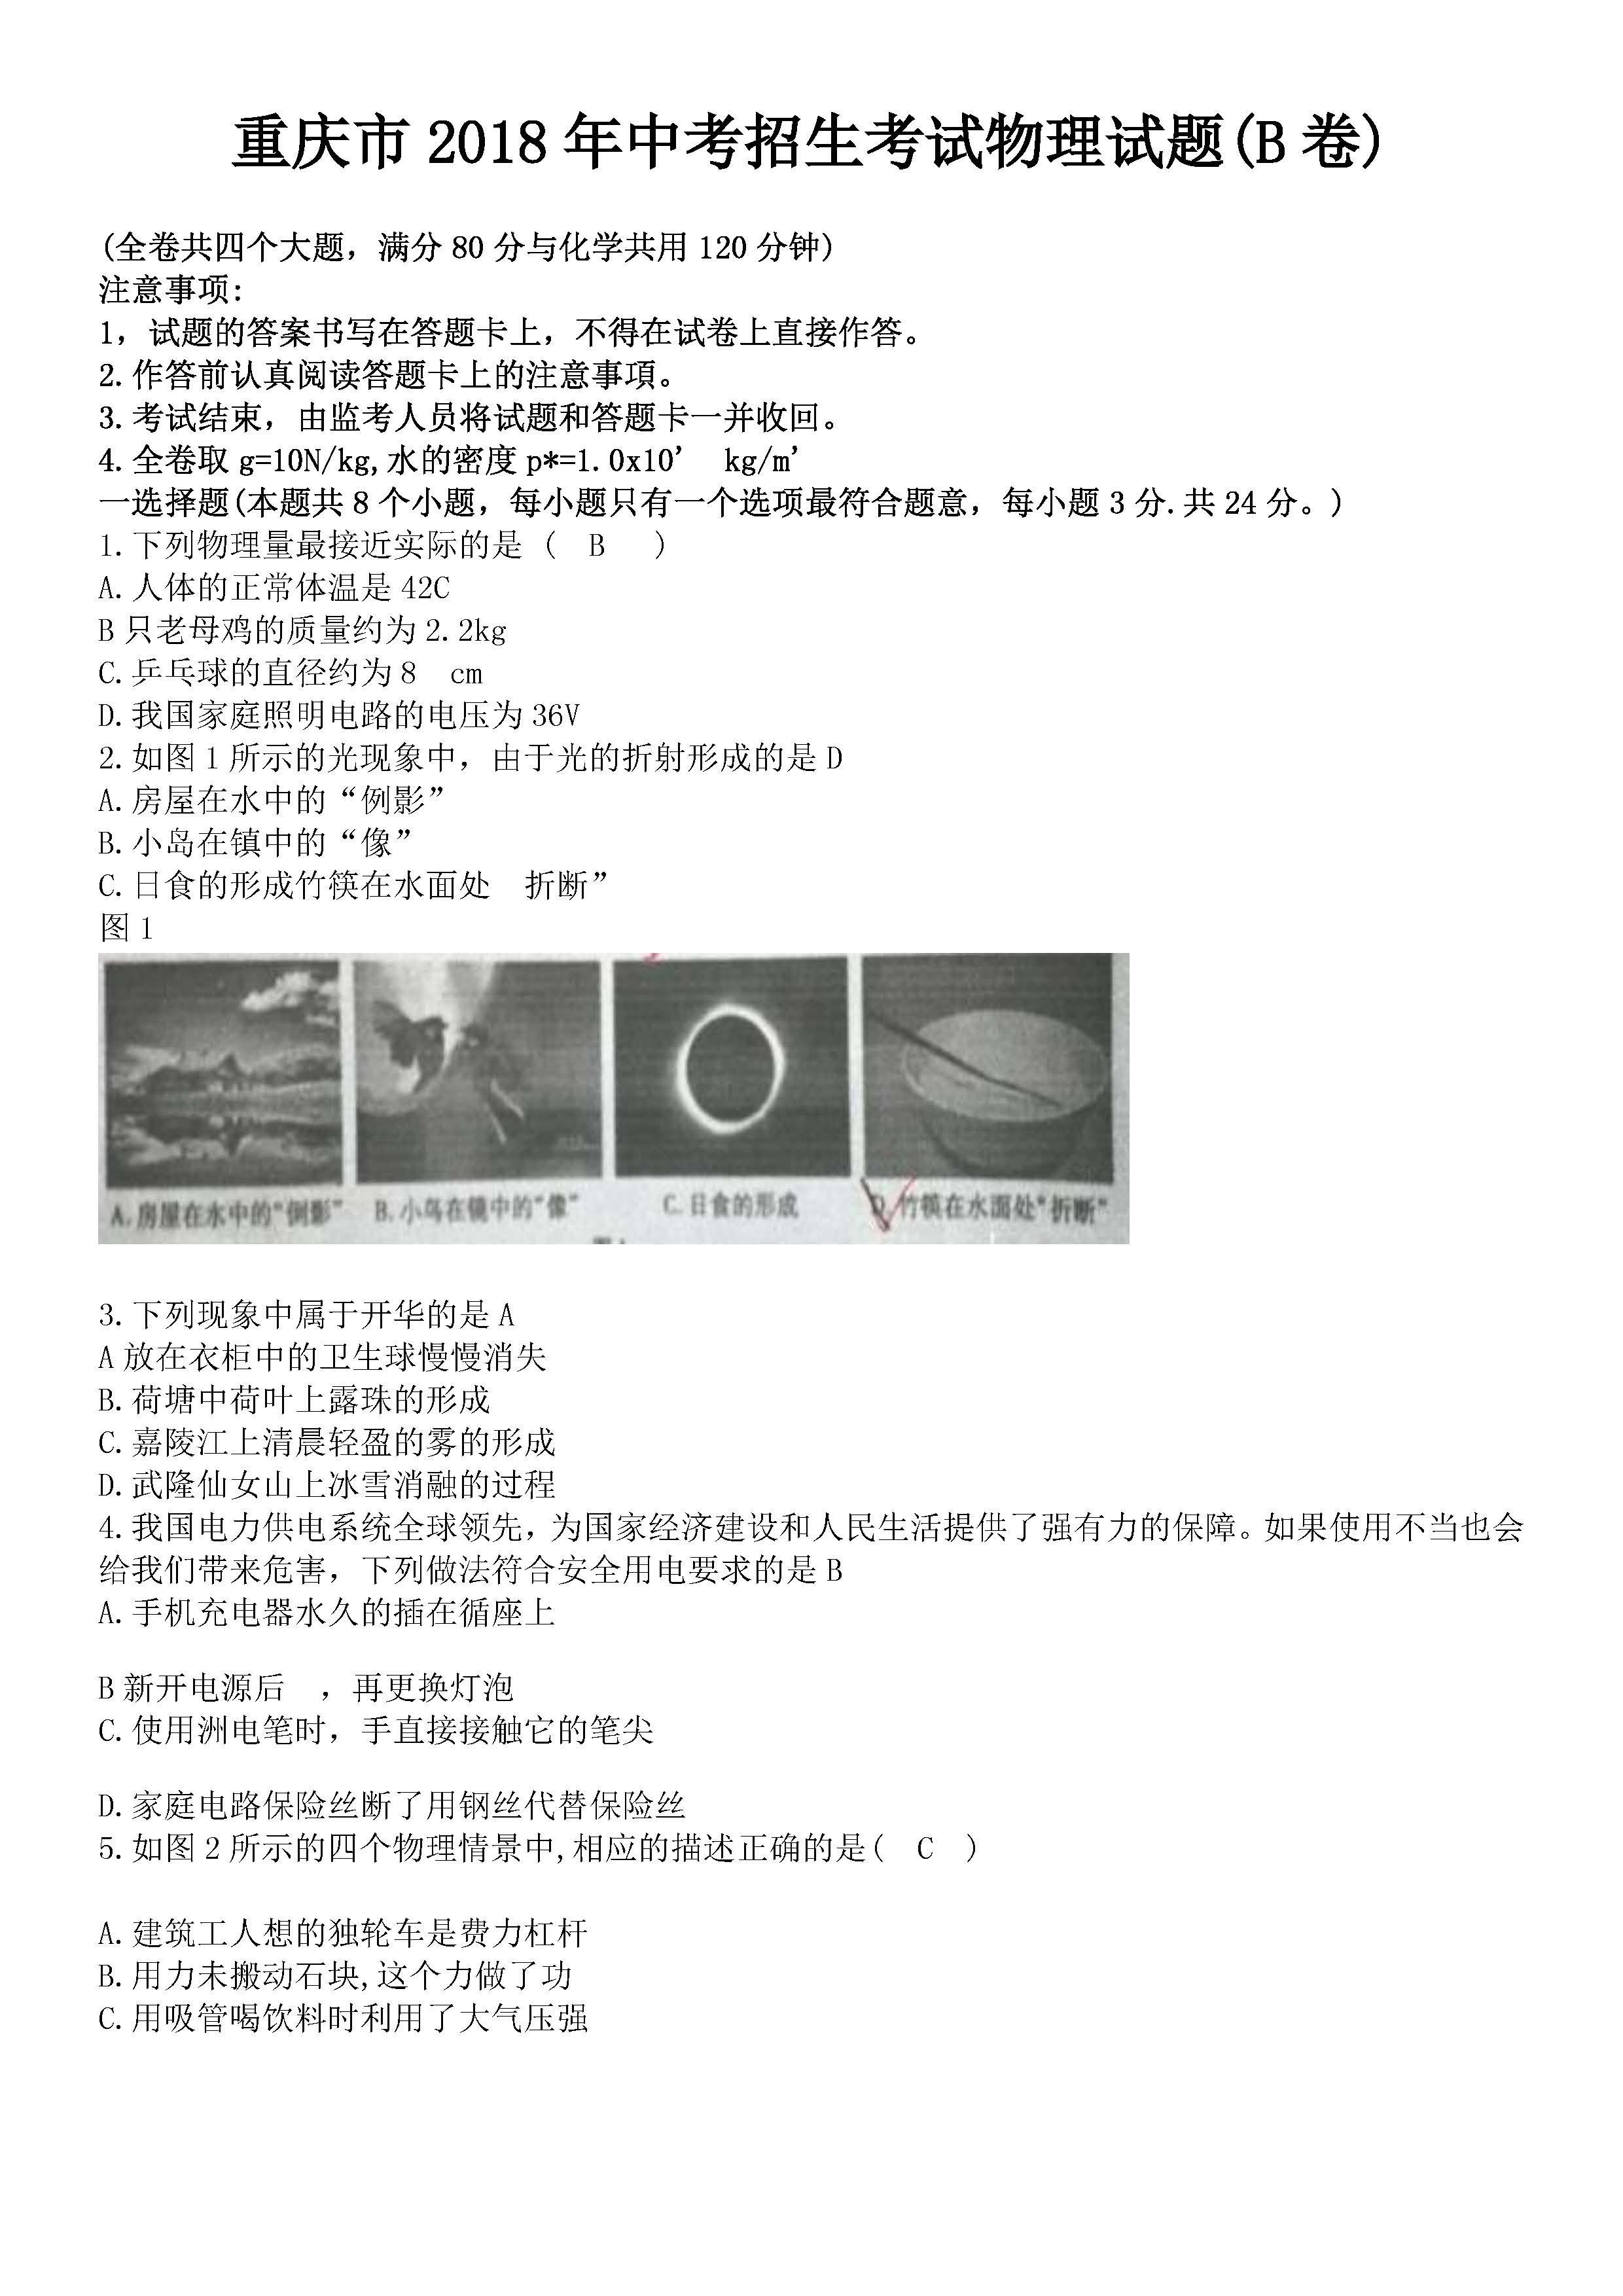 2018重庆B卷中考物理试题及答案解析